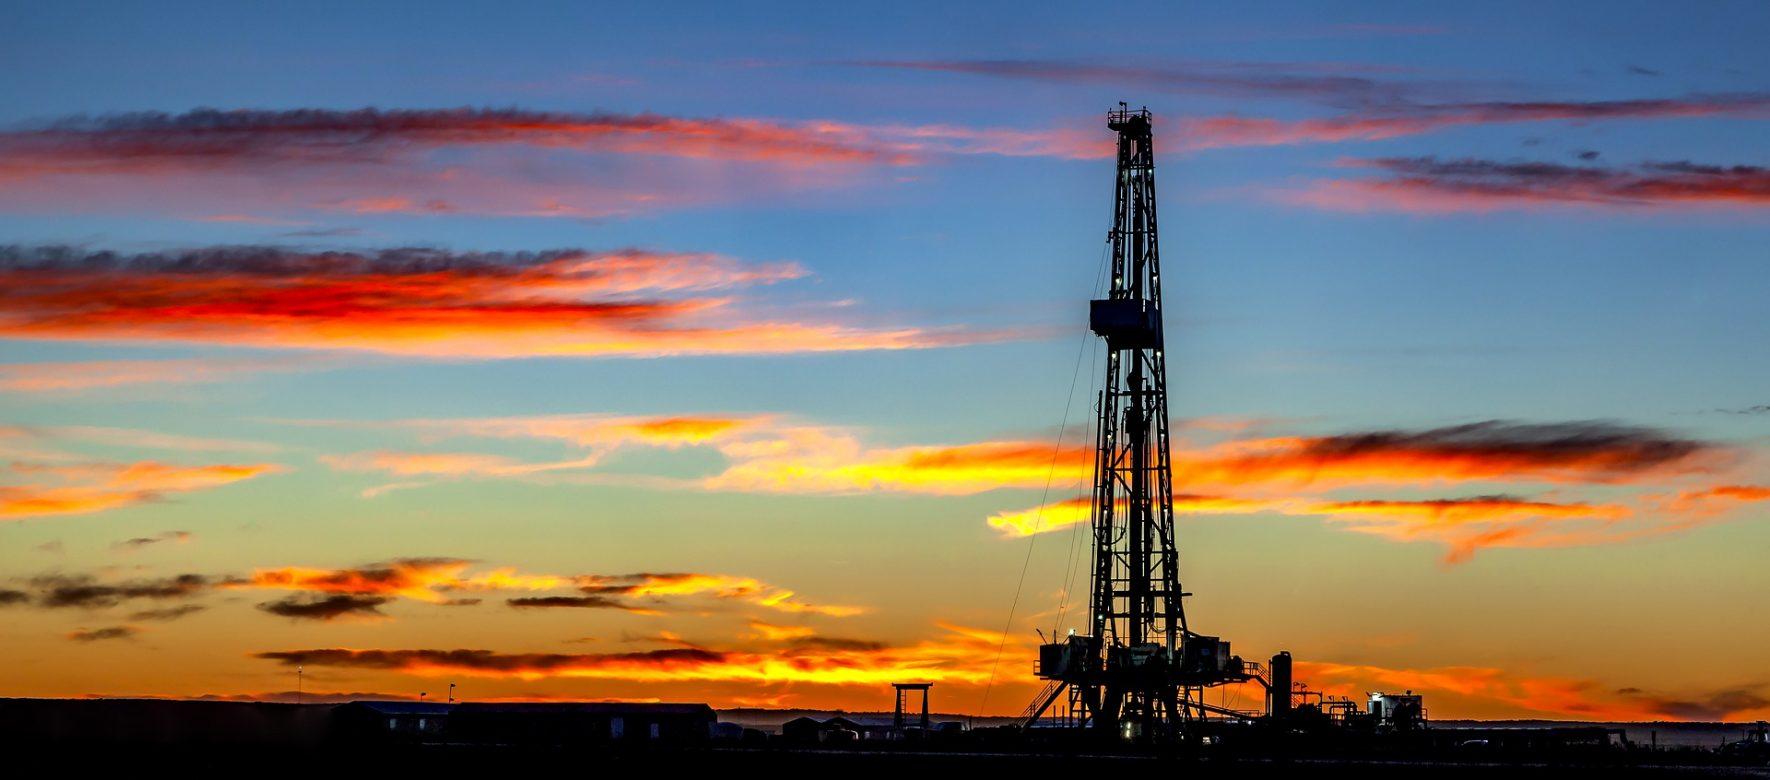 Maroc : L'office national des hydrocarbures et des mines (ONHYM) vient d'attribuer des droits d'exploration de la zone côtière de Mesorif dans le nord du pays, à Conocophillips Morocco Ventures (CMV)